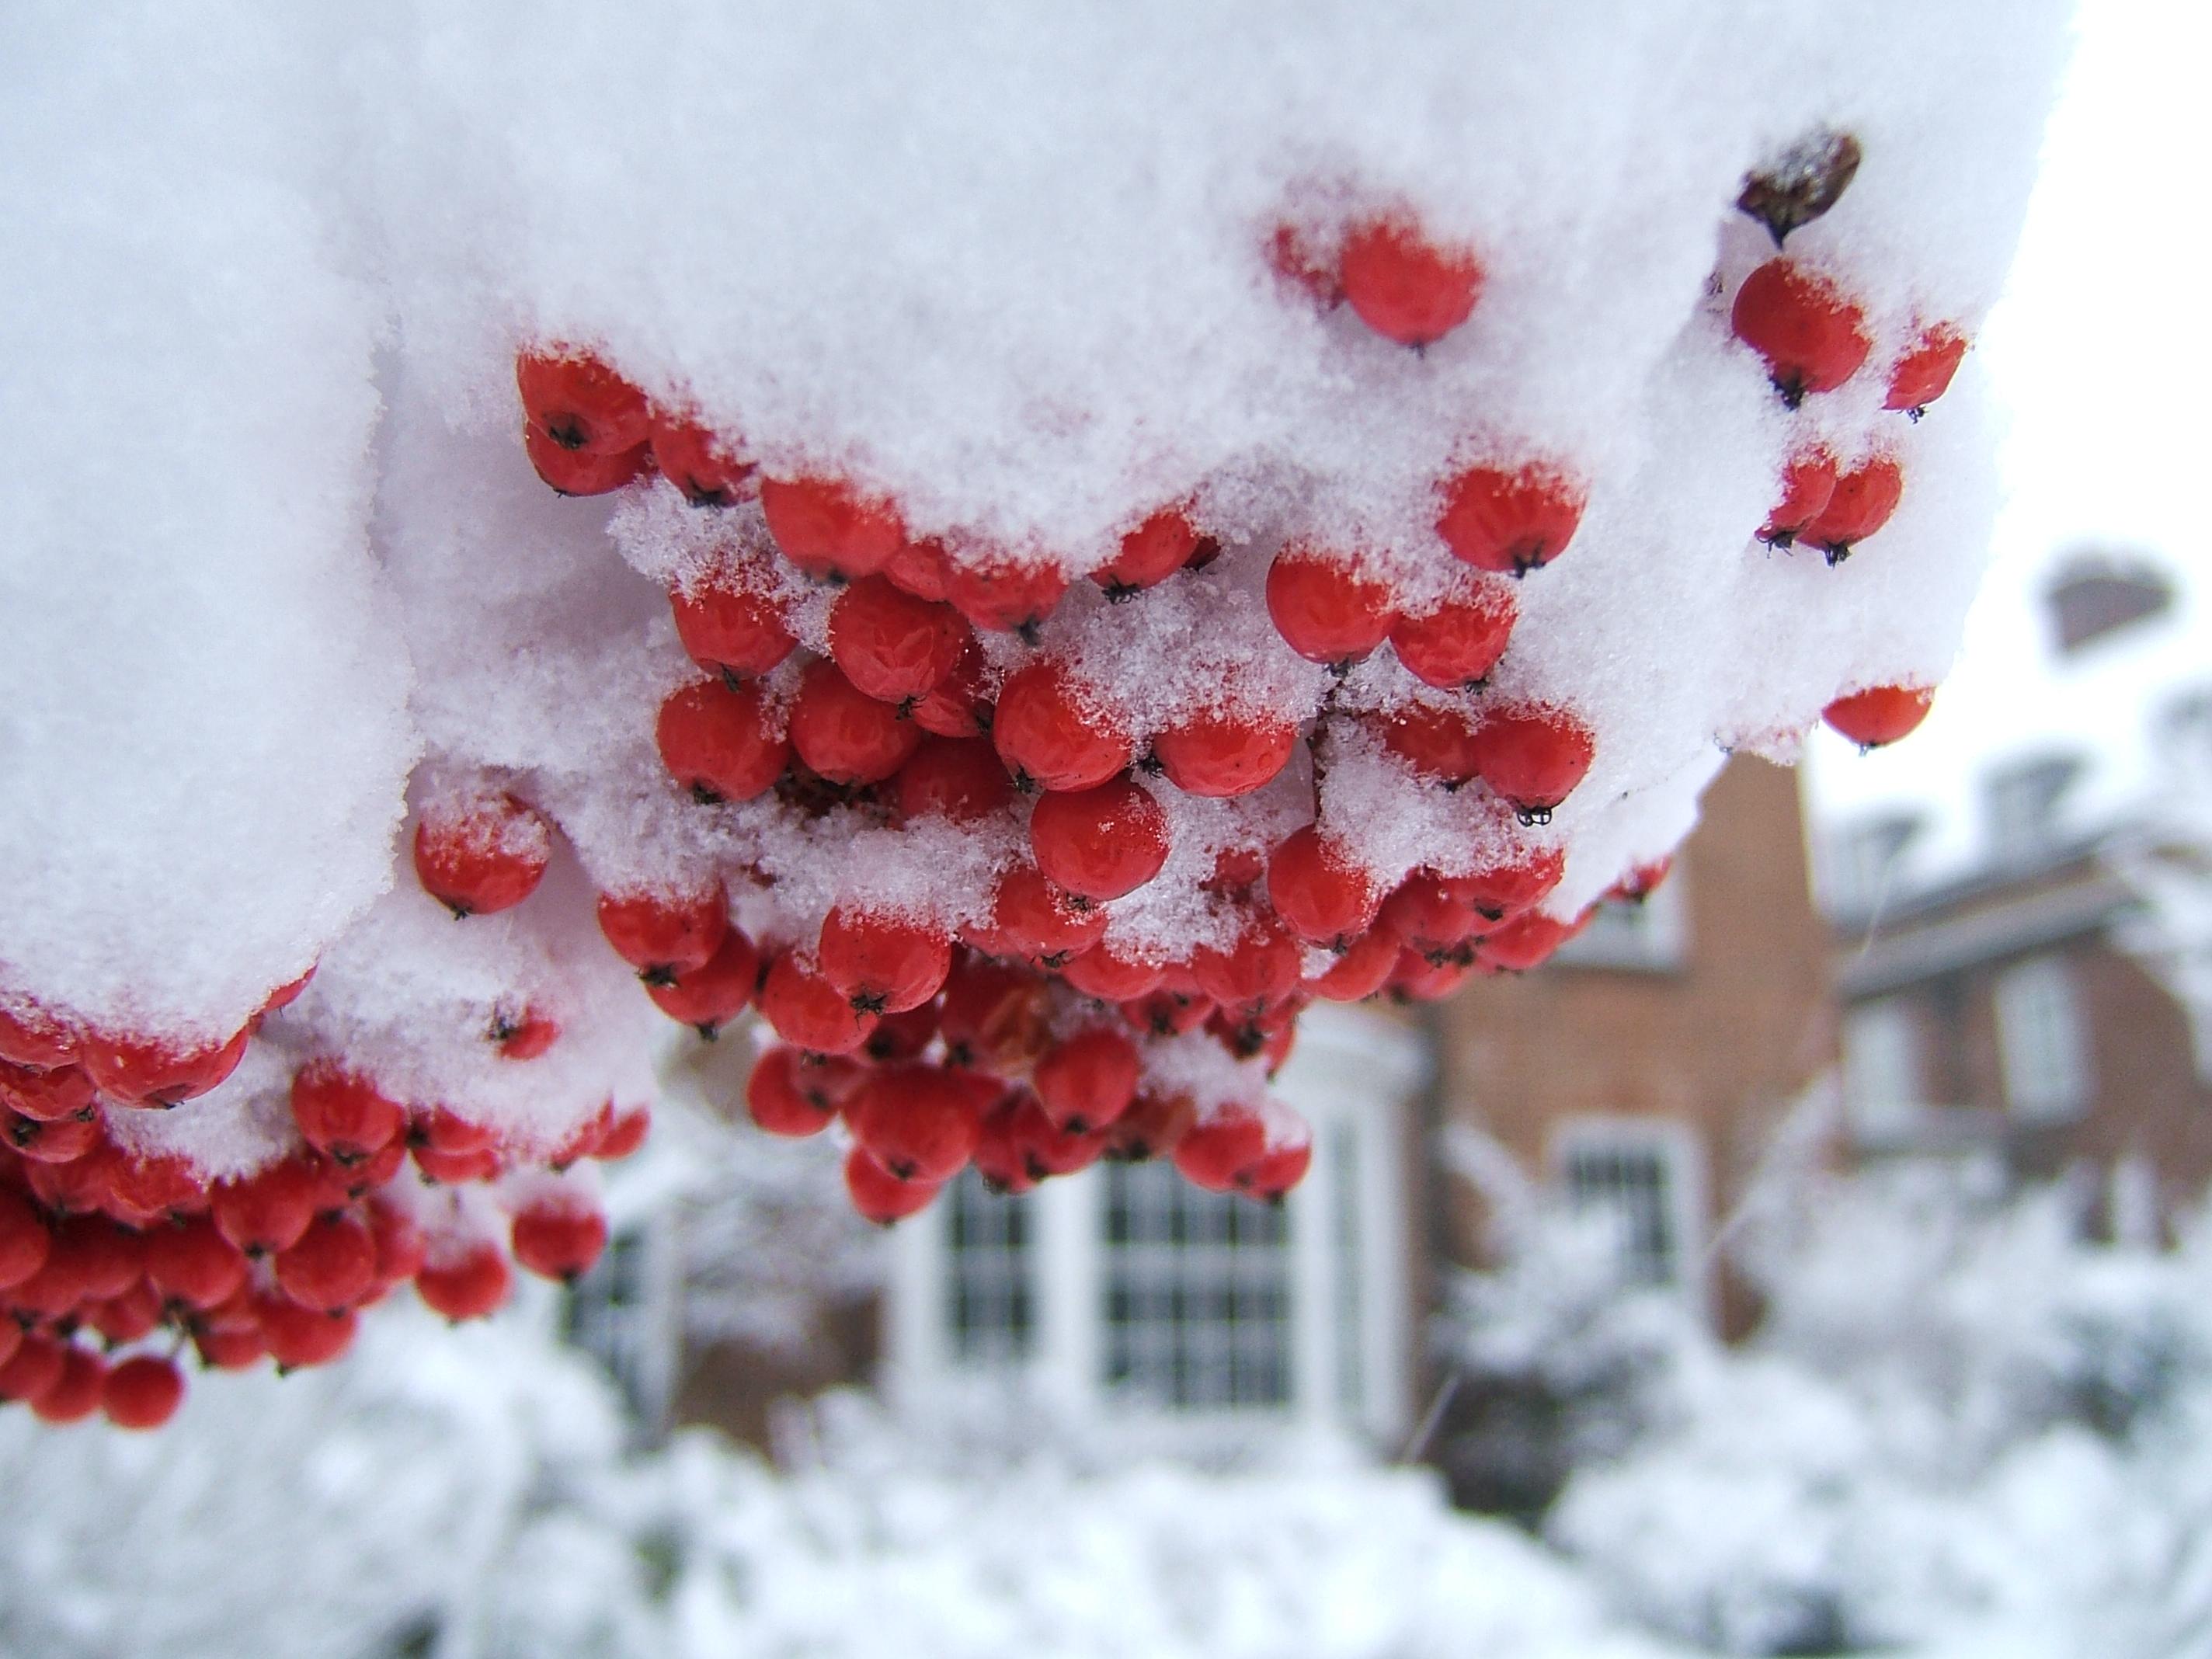 Фрукты На Снегу Картинки На Рабочий Стол